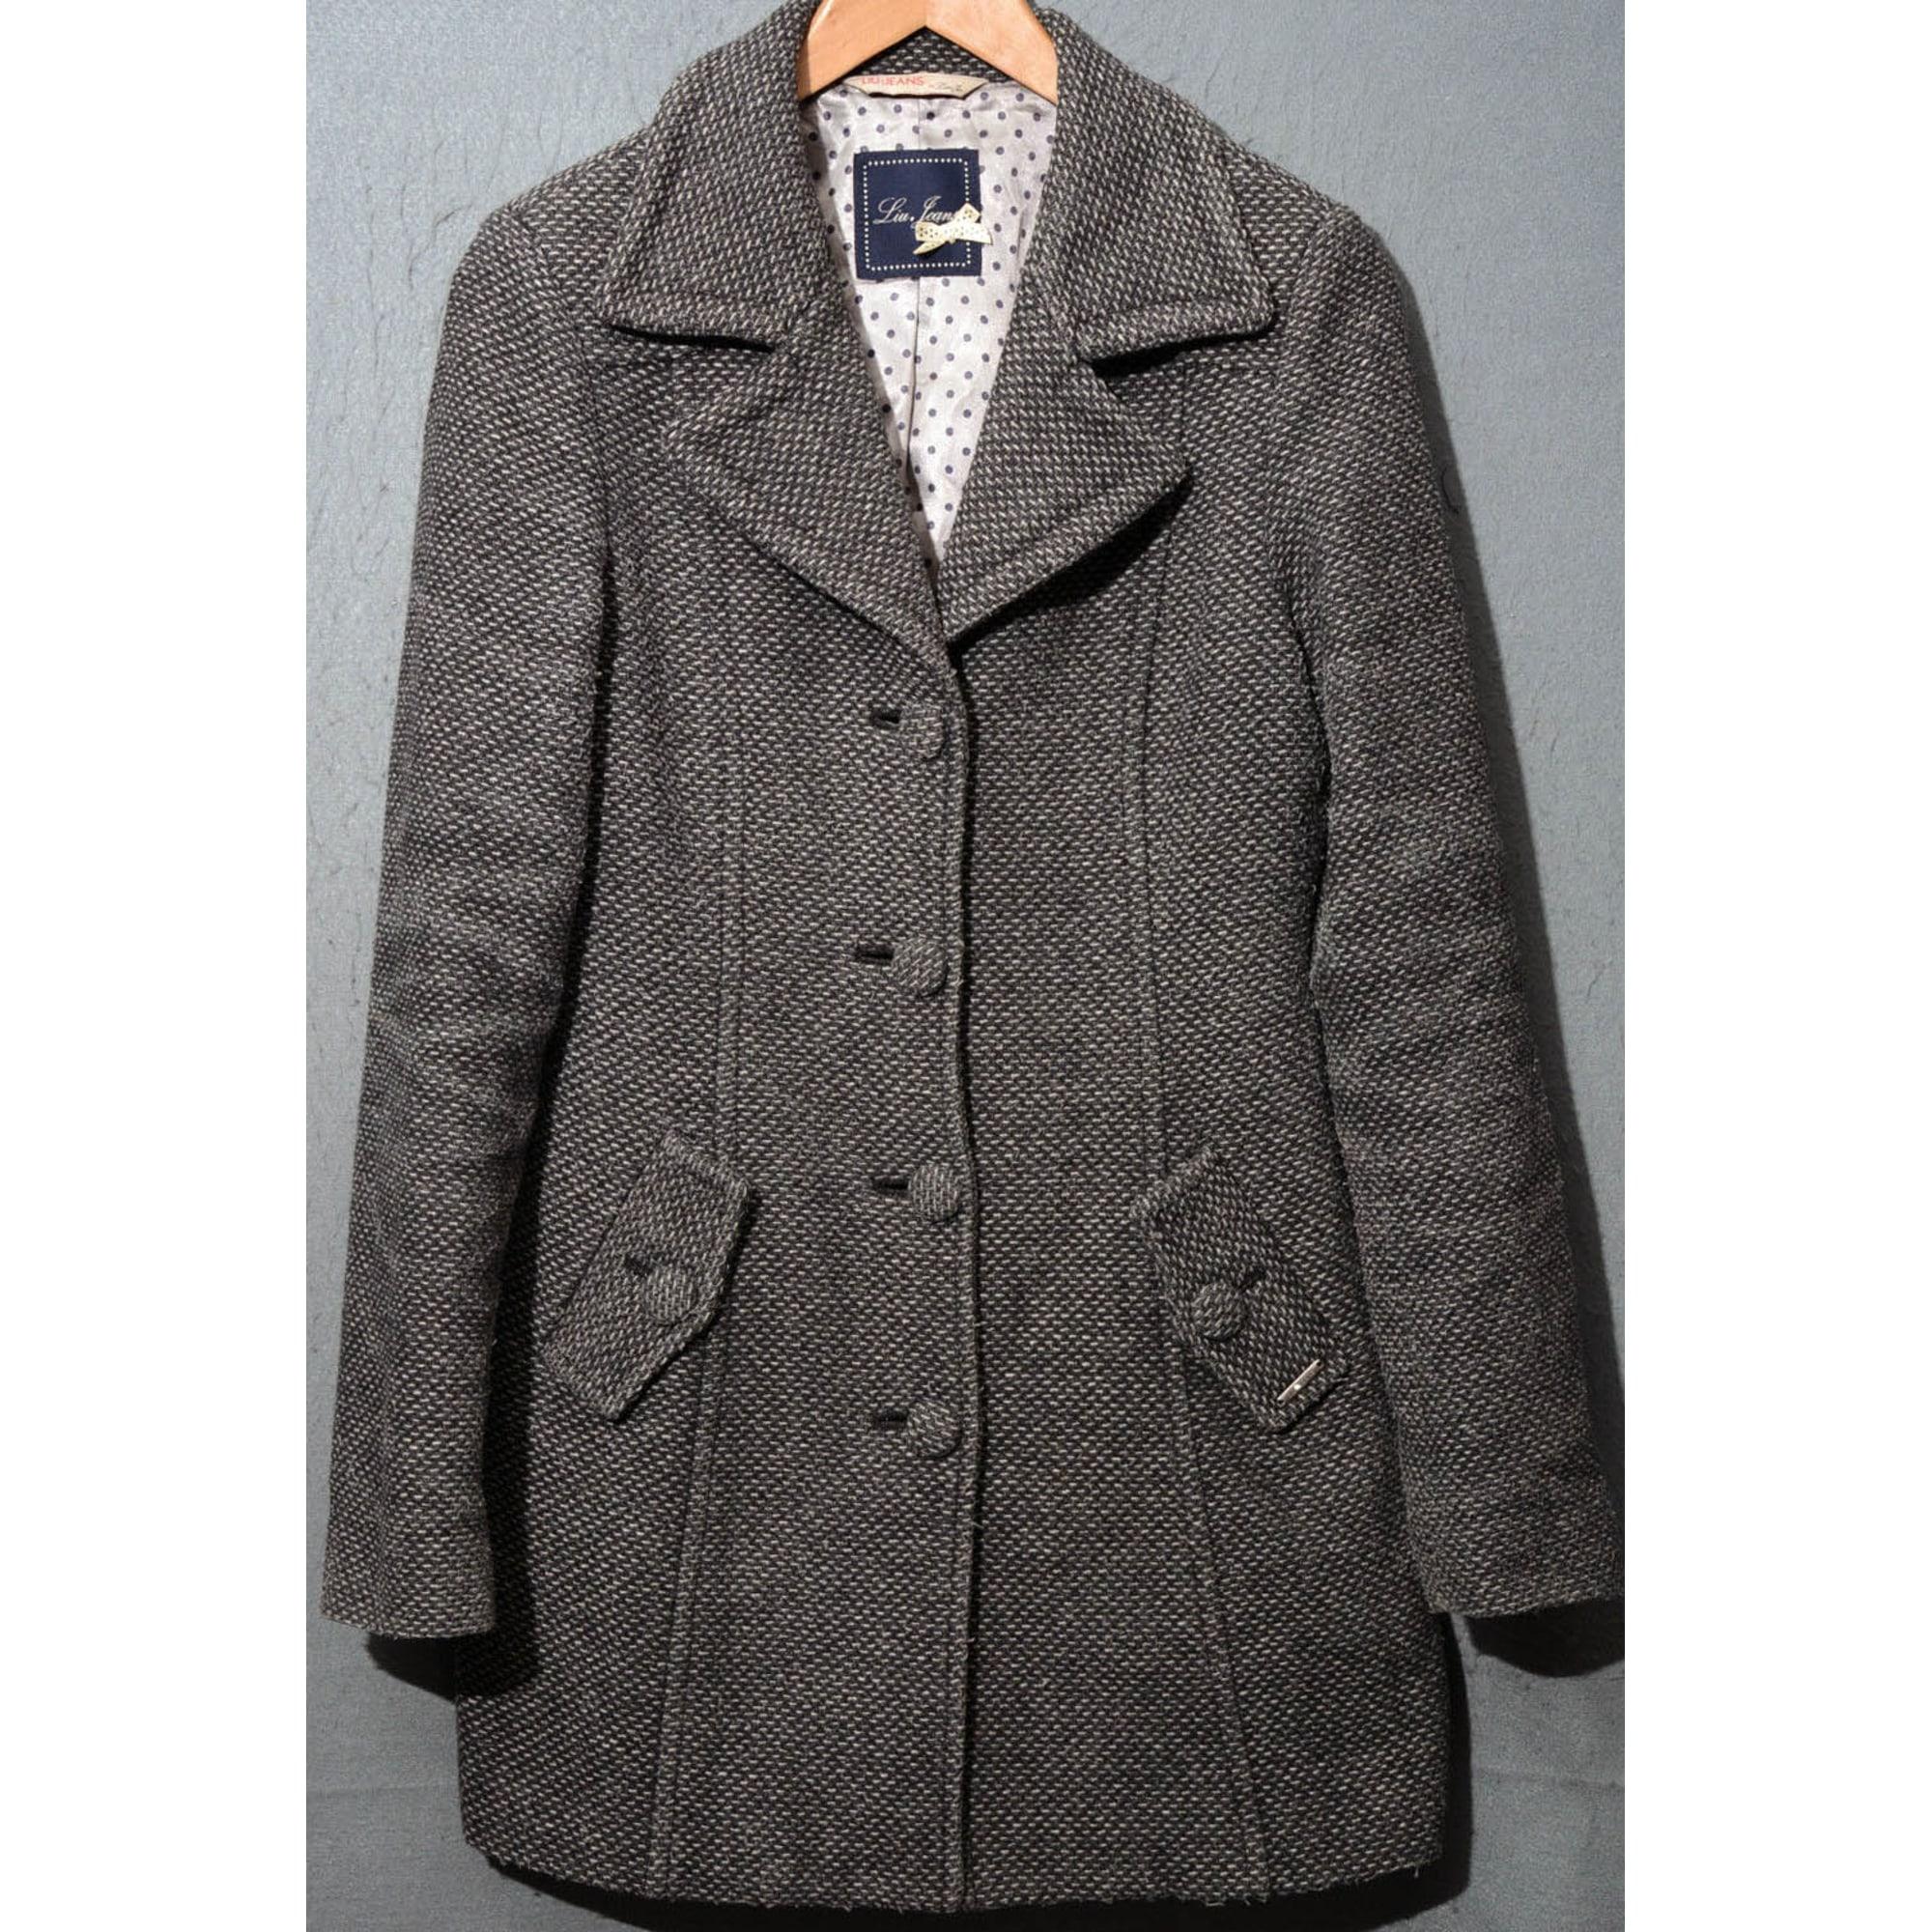 Manteau gris liu jo